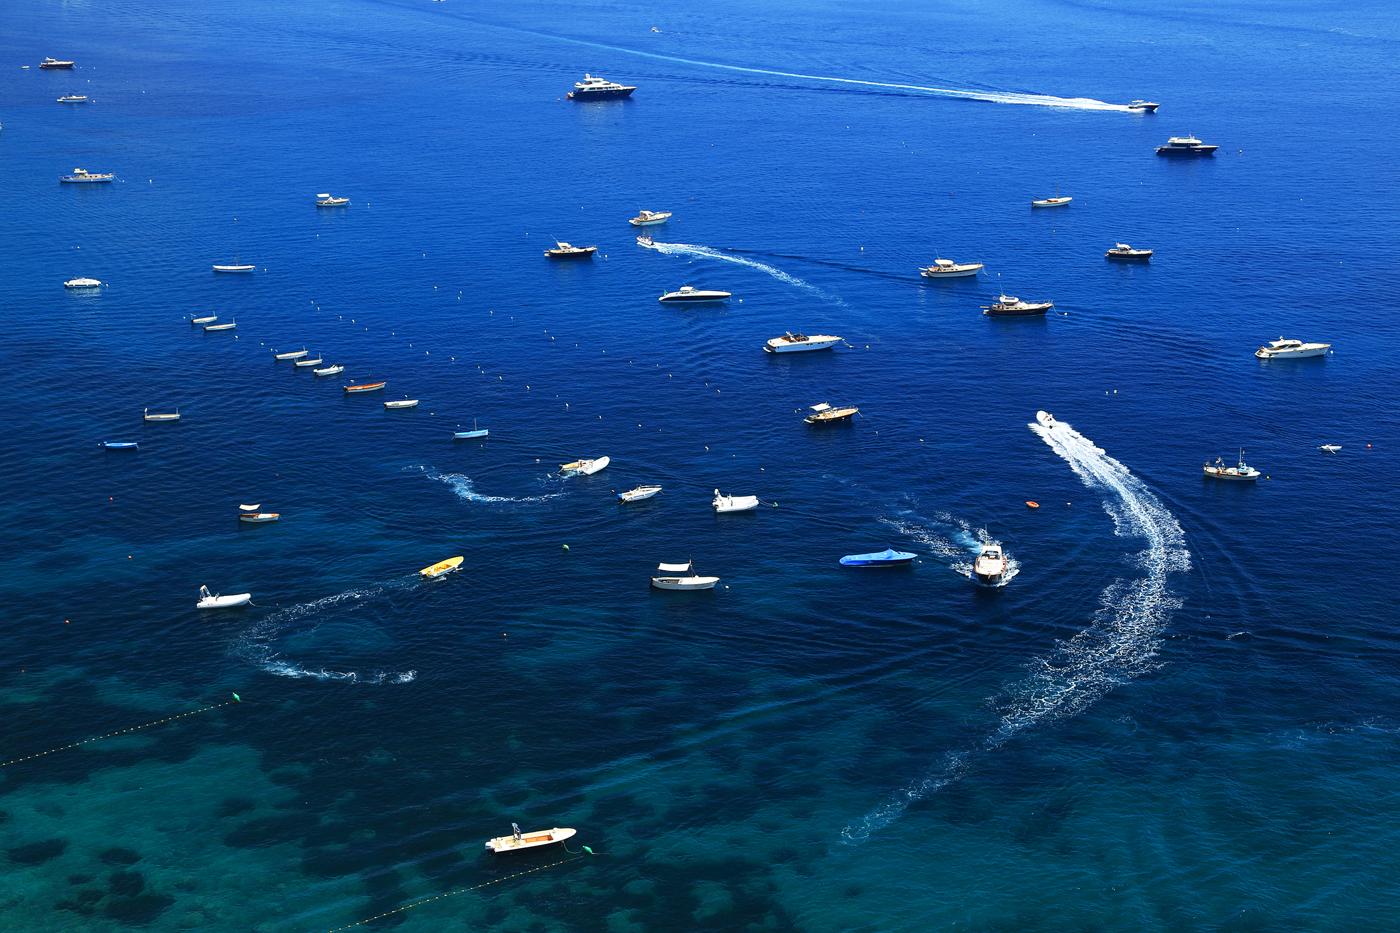 viele Boote auf dem Meer als Sinnbild für Regeln für das Miteinander bei DevOps